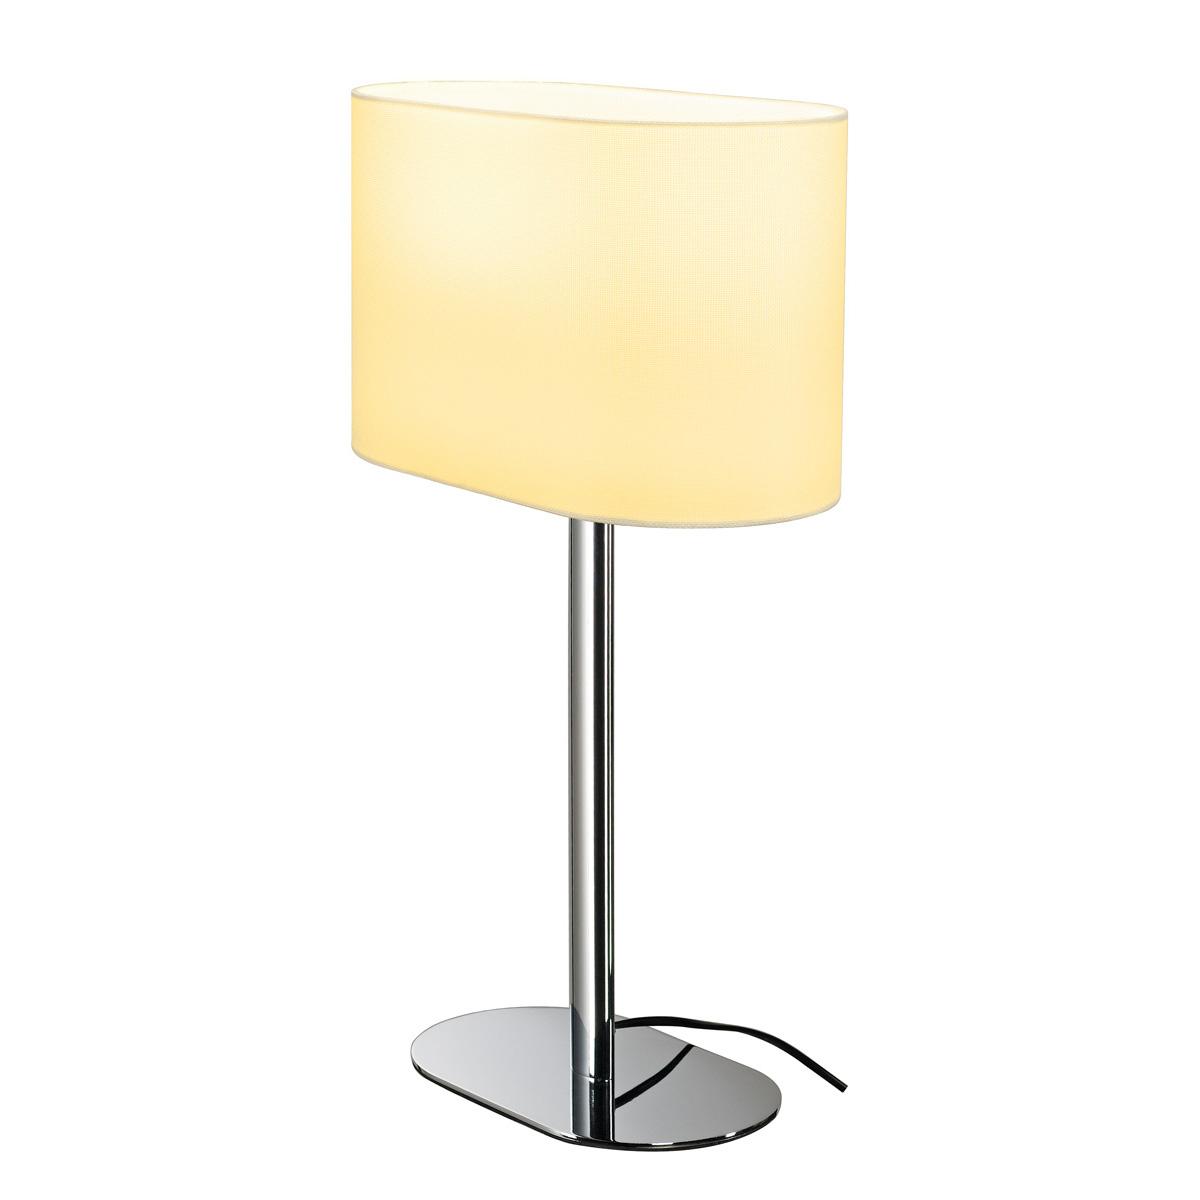 Intalite SOPRANA OVAL Table Lamp, TL 1, White Textile, E27, 60W